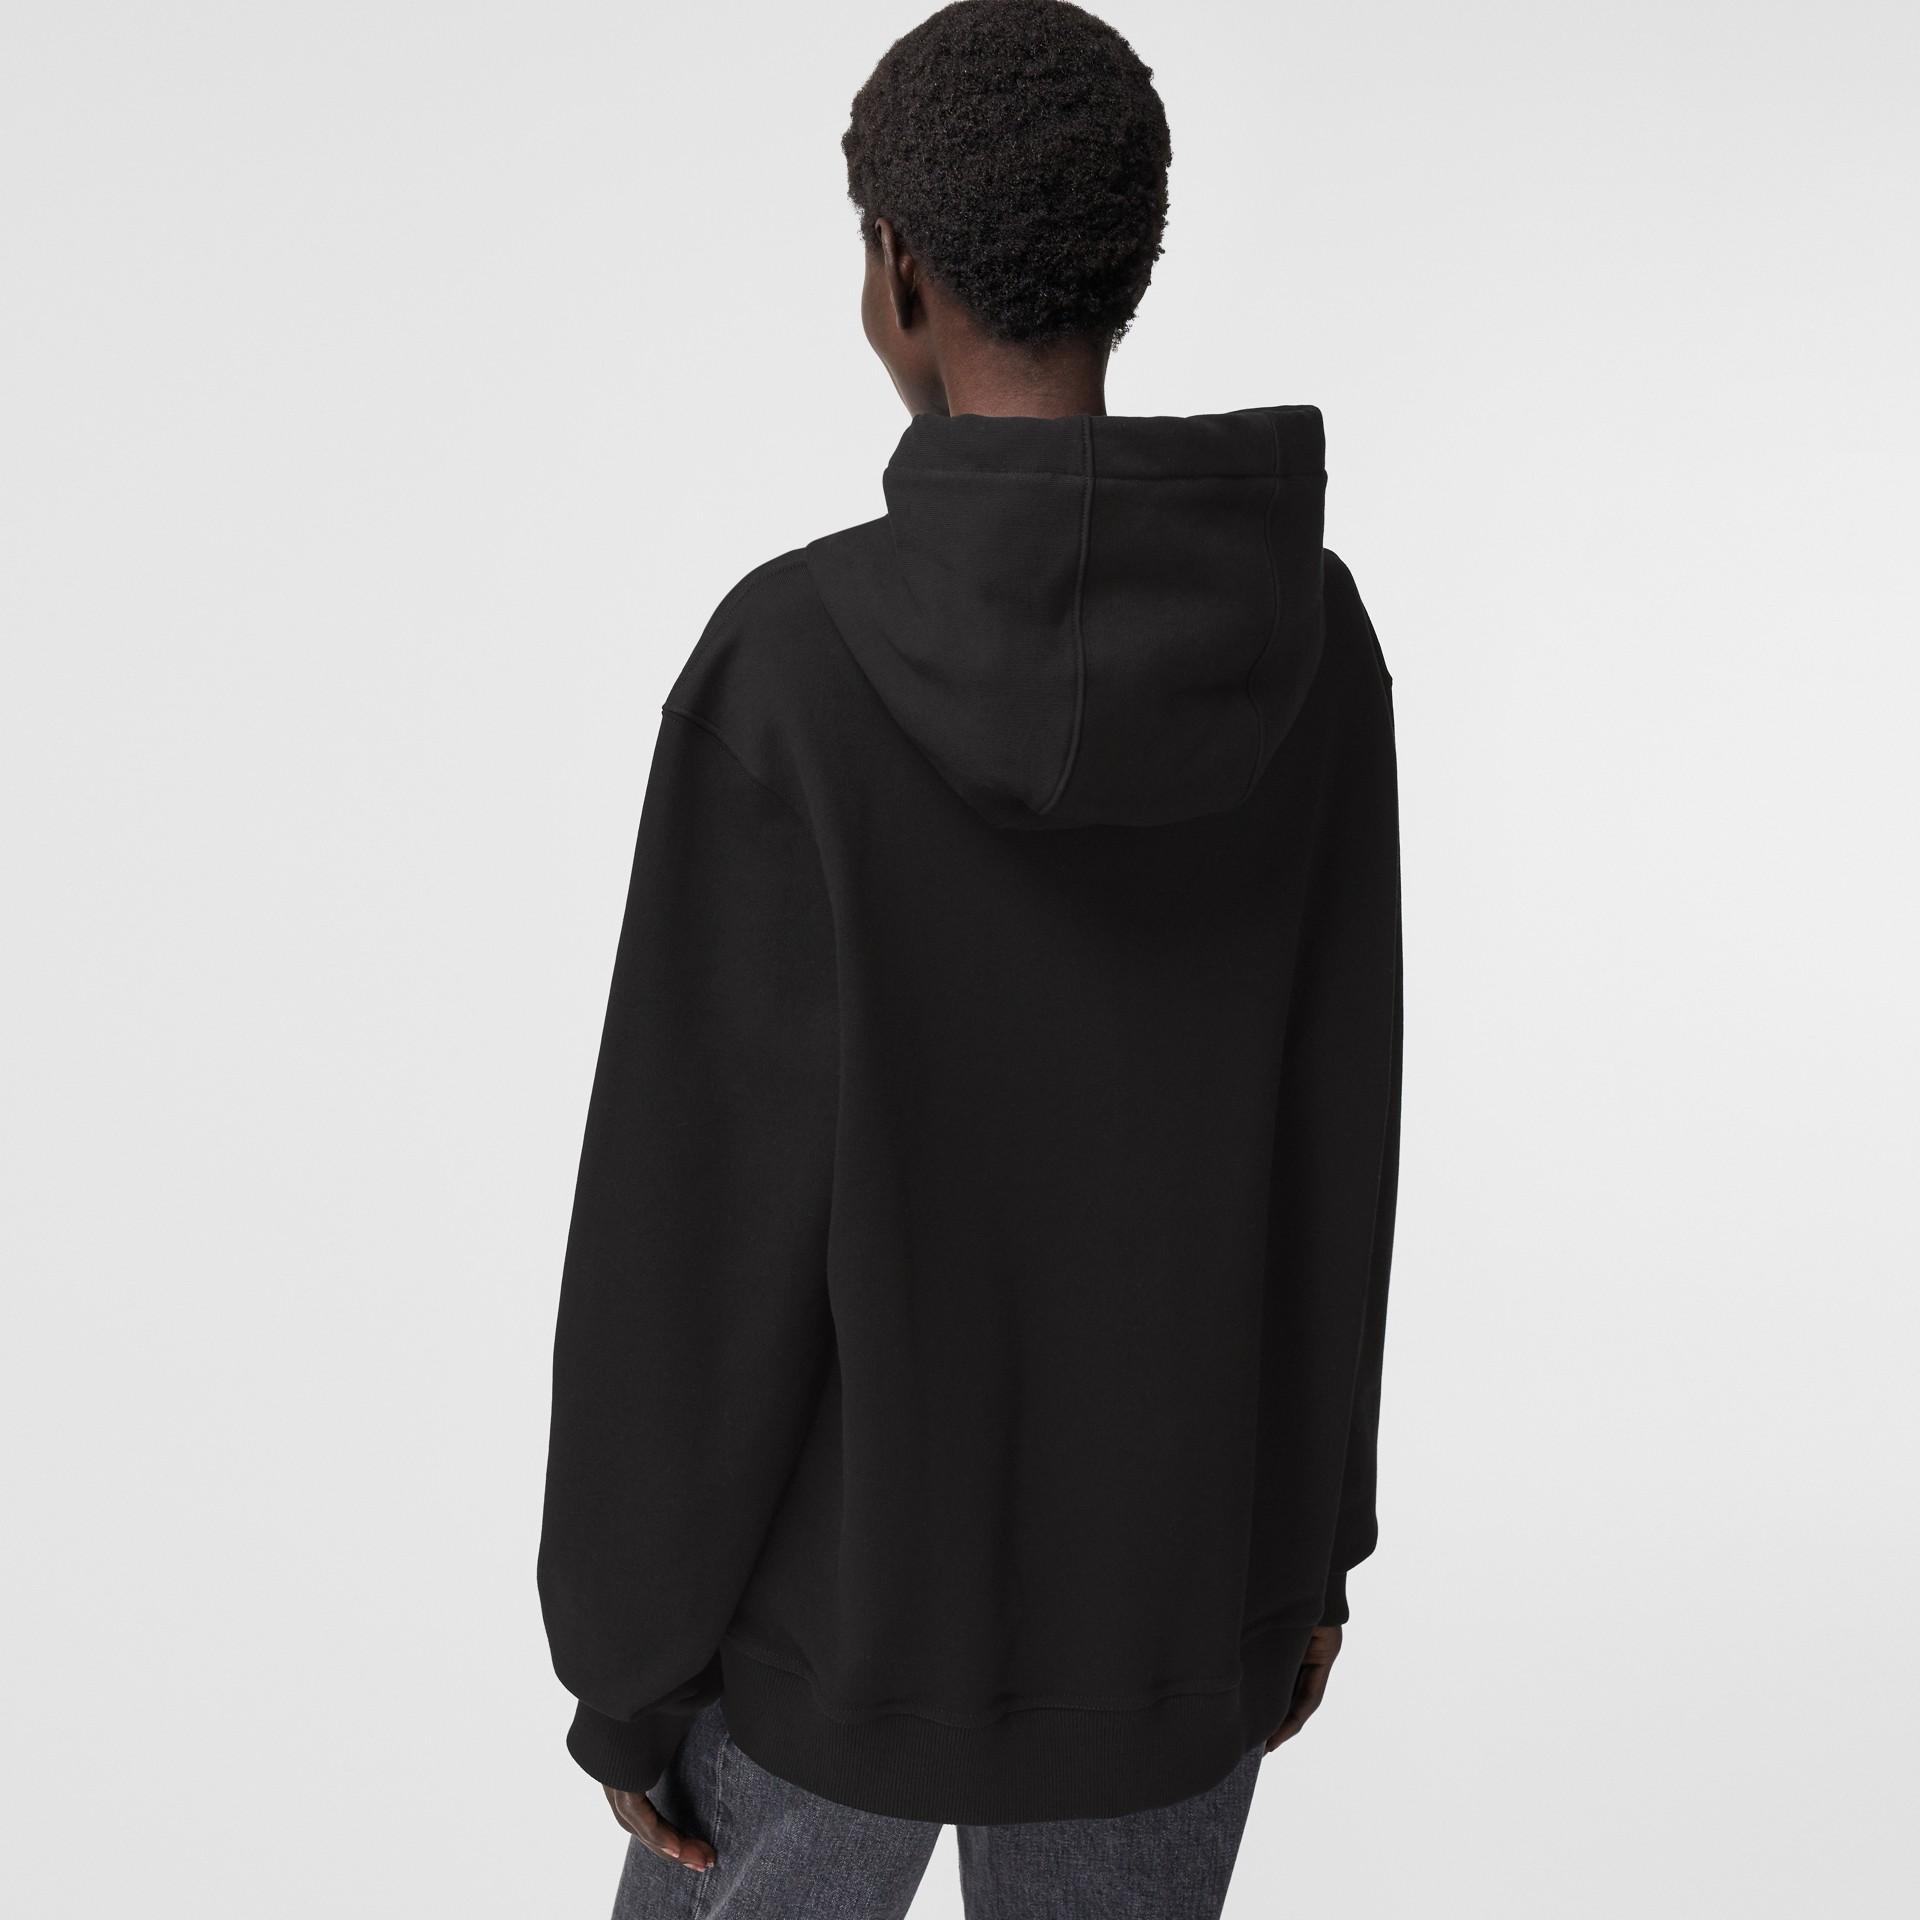 Sweat-shirt à capuche oversize avec imprimé kaléidoscope – Exclusivité en ligne (Noir) - Femme | Burberry - photo de la galerie 2